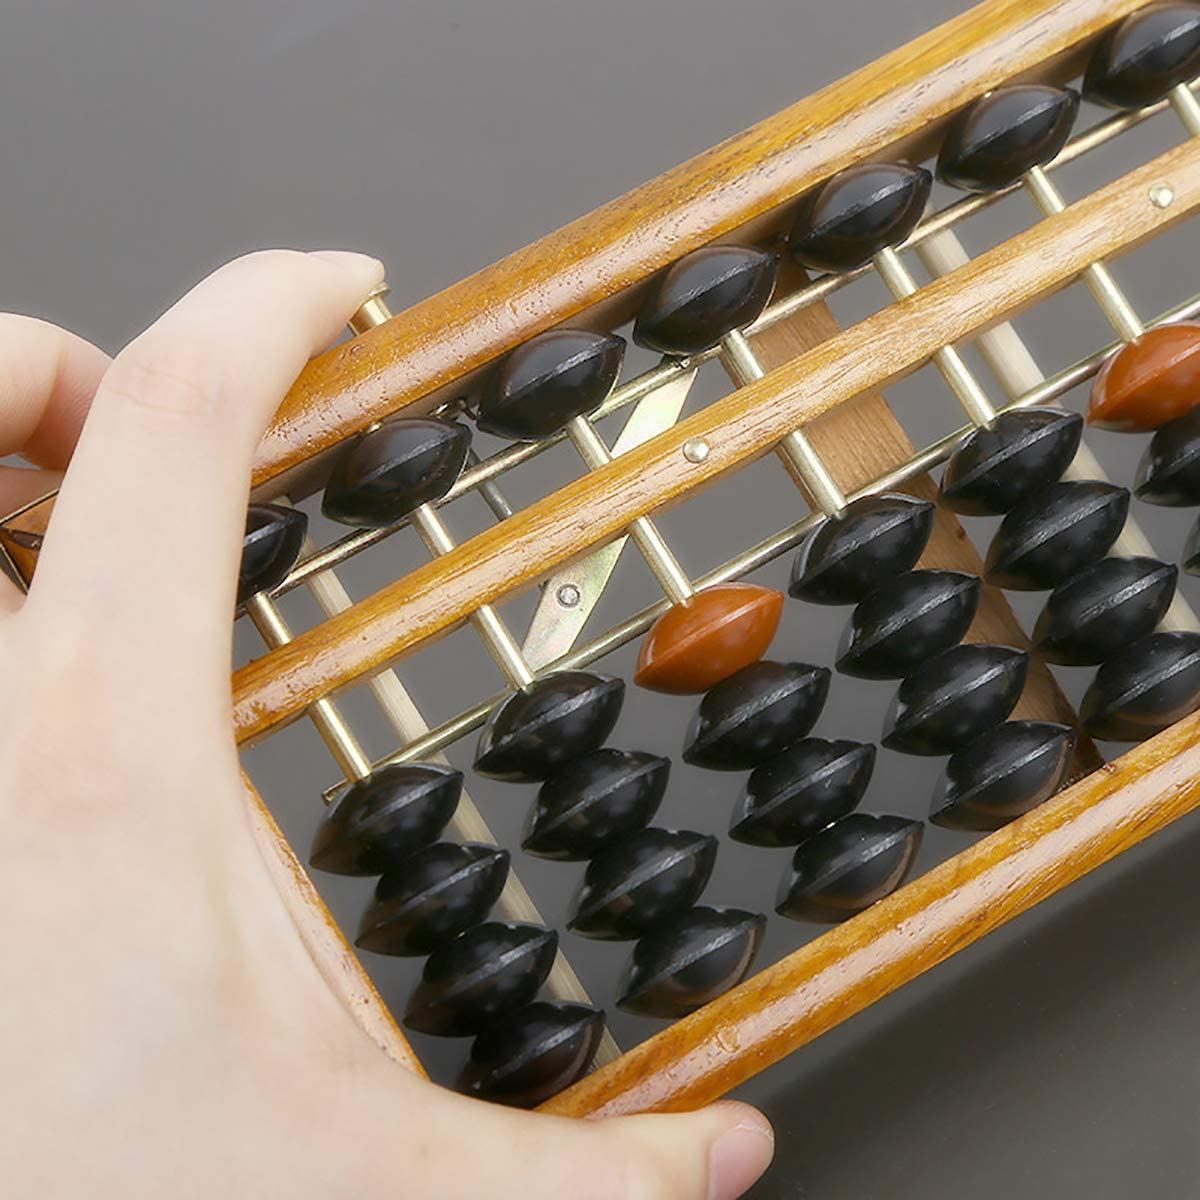 17 Ziffern St/äbchen Vintage Stil Abacus Soroban Taschenrechner Z/ählwerkzeug mit Reset-Taste Handwerkskunst